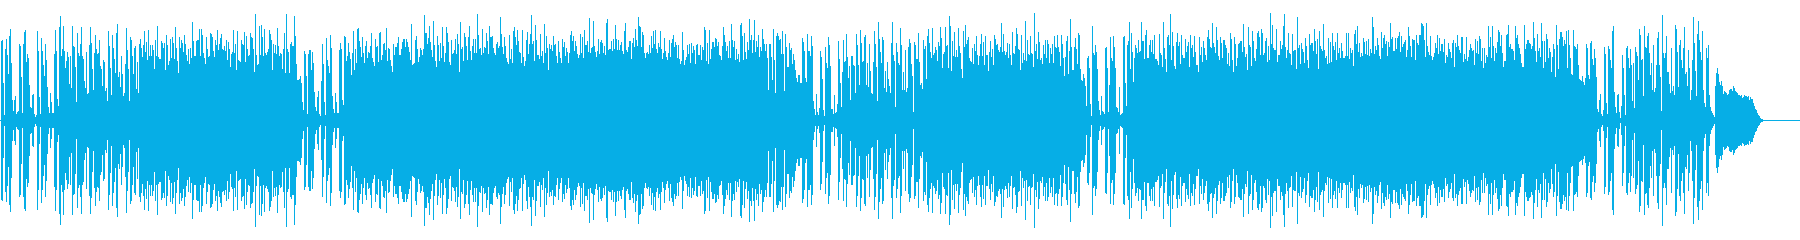 わくわくする日常シーンの再生済みの波形